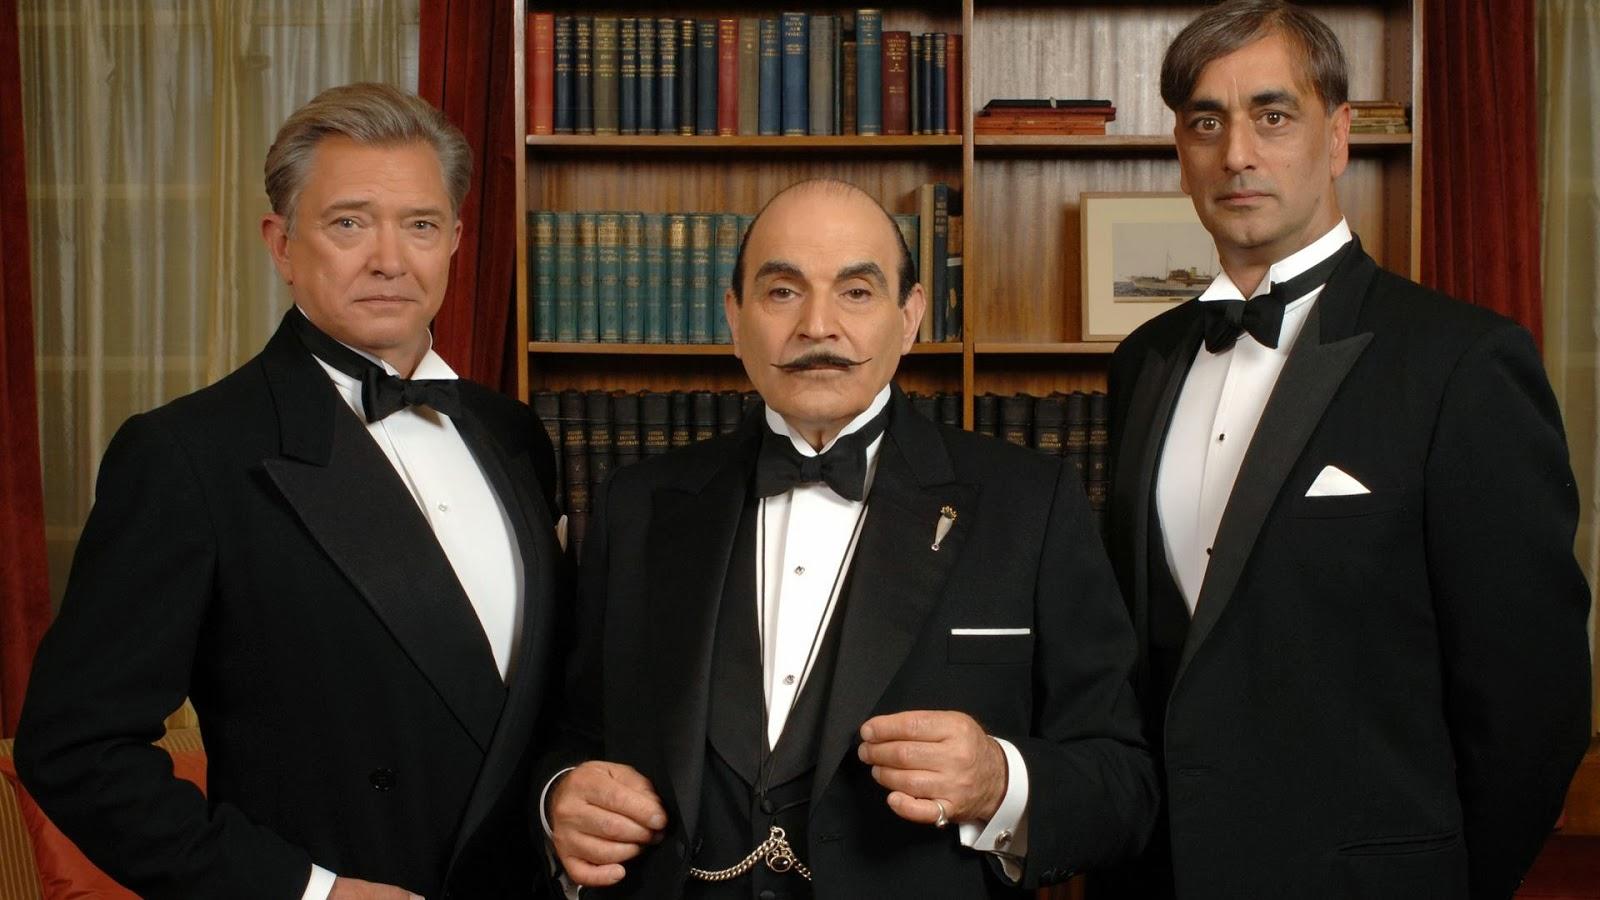 Poirot tragedia in tre atti film finale